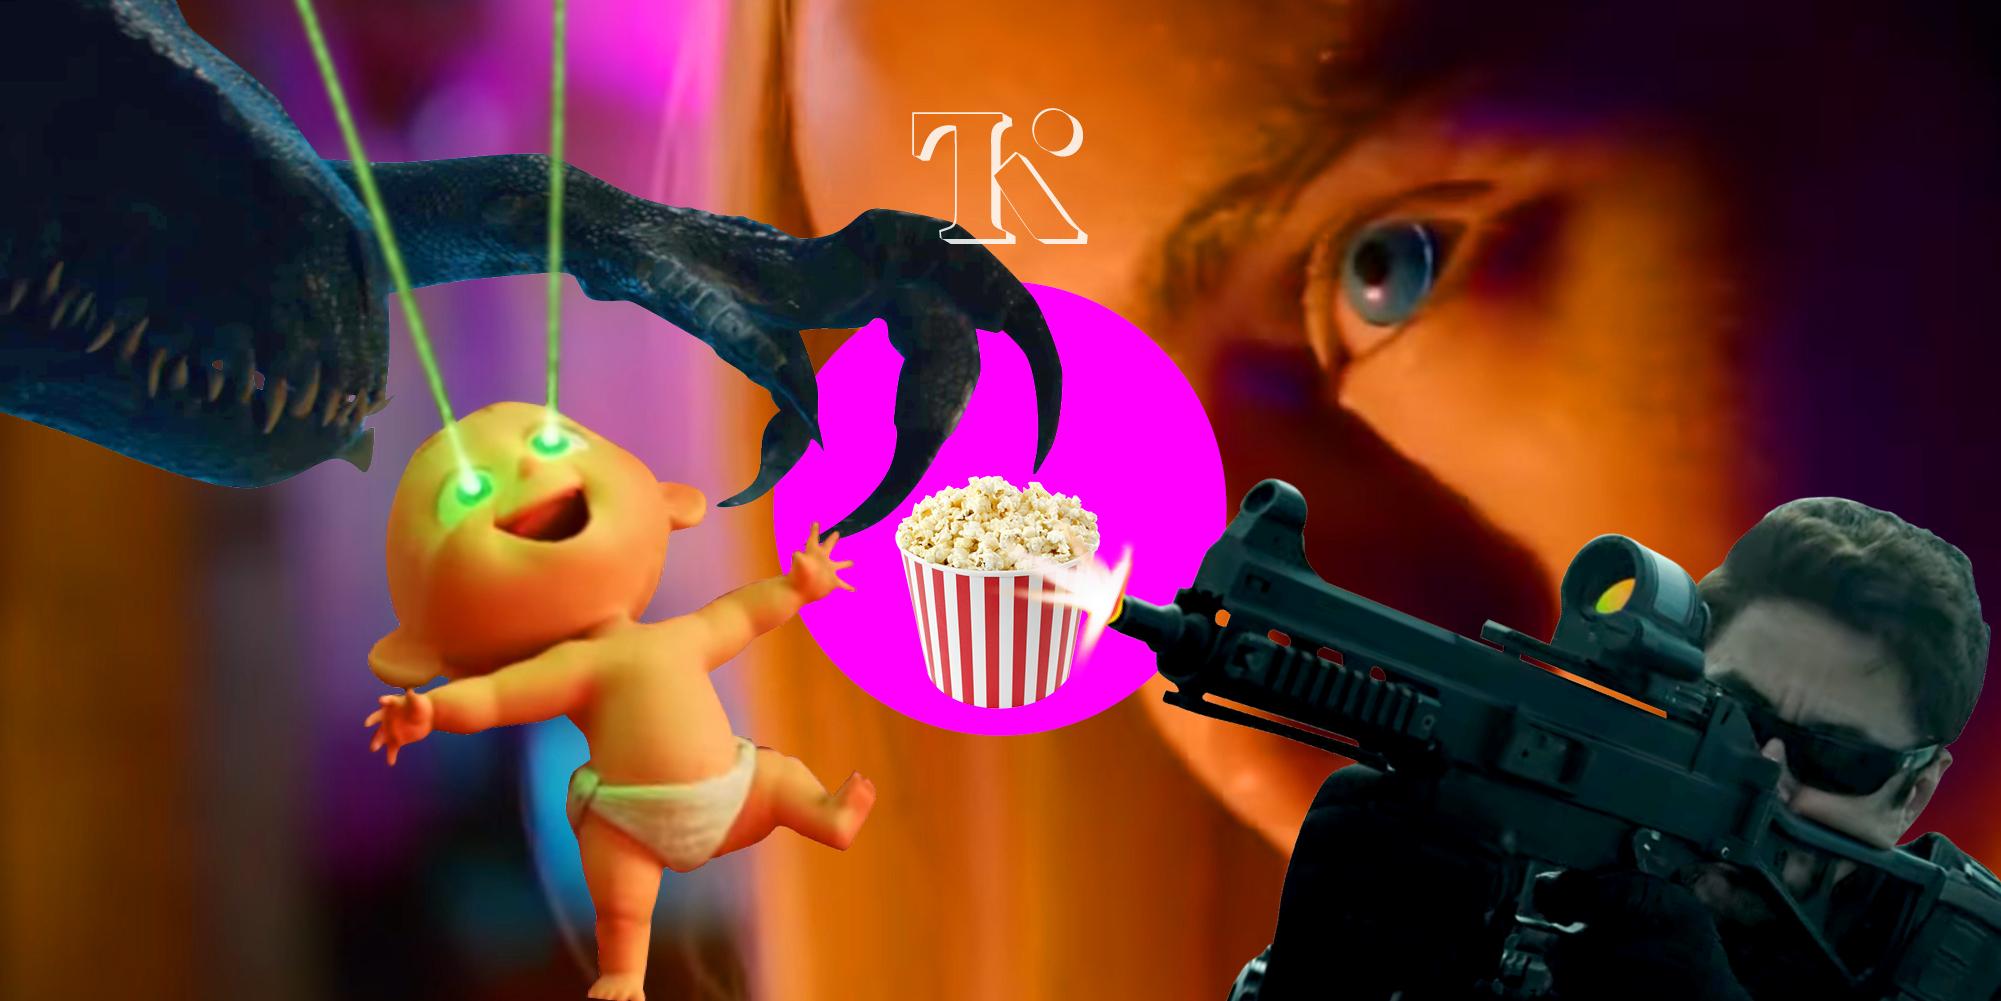 Что смотреть в кинотеатрах в июне